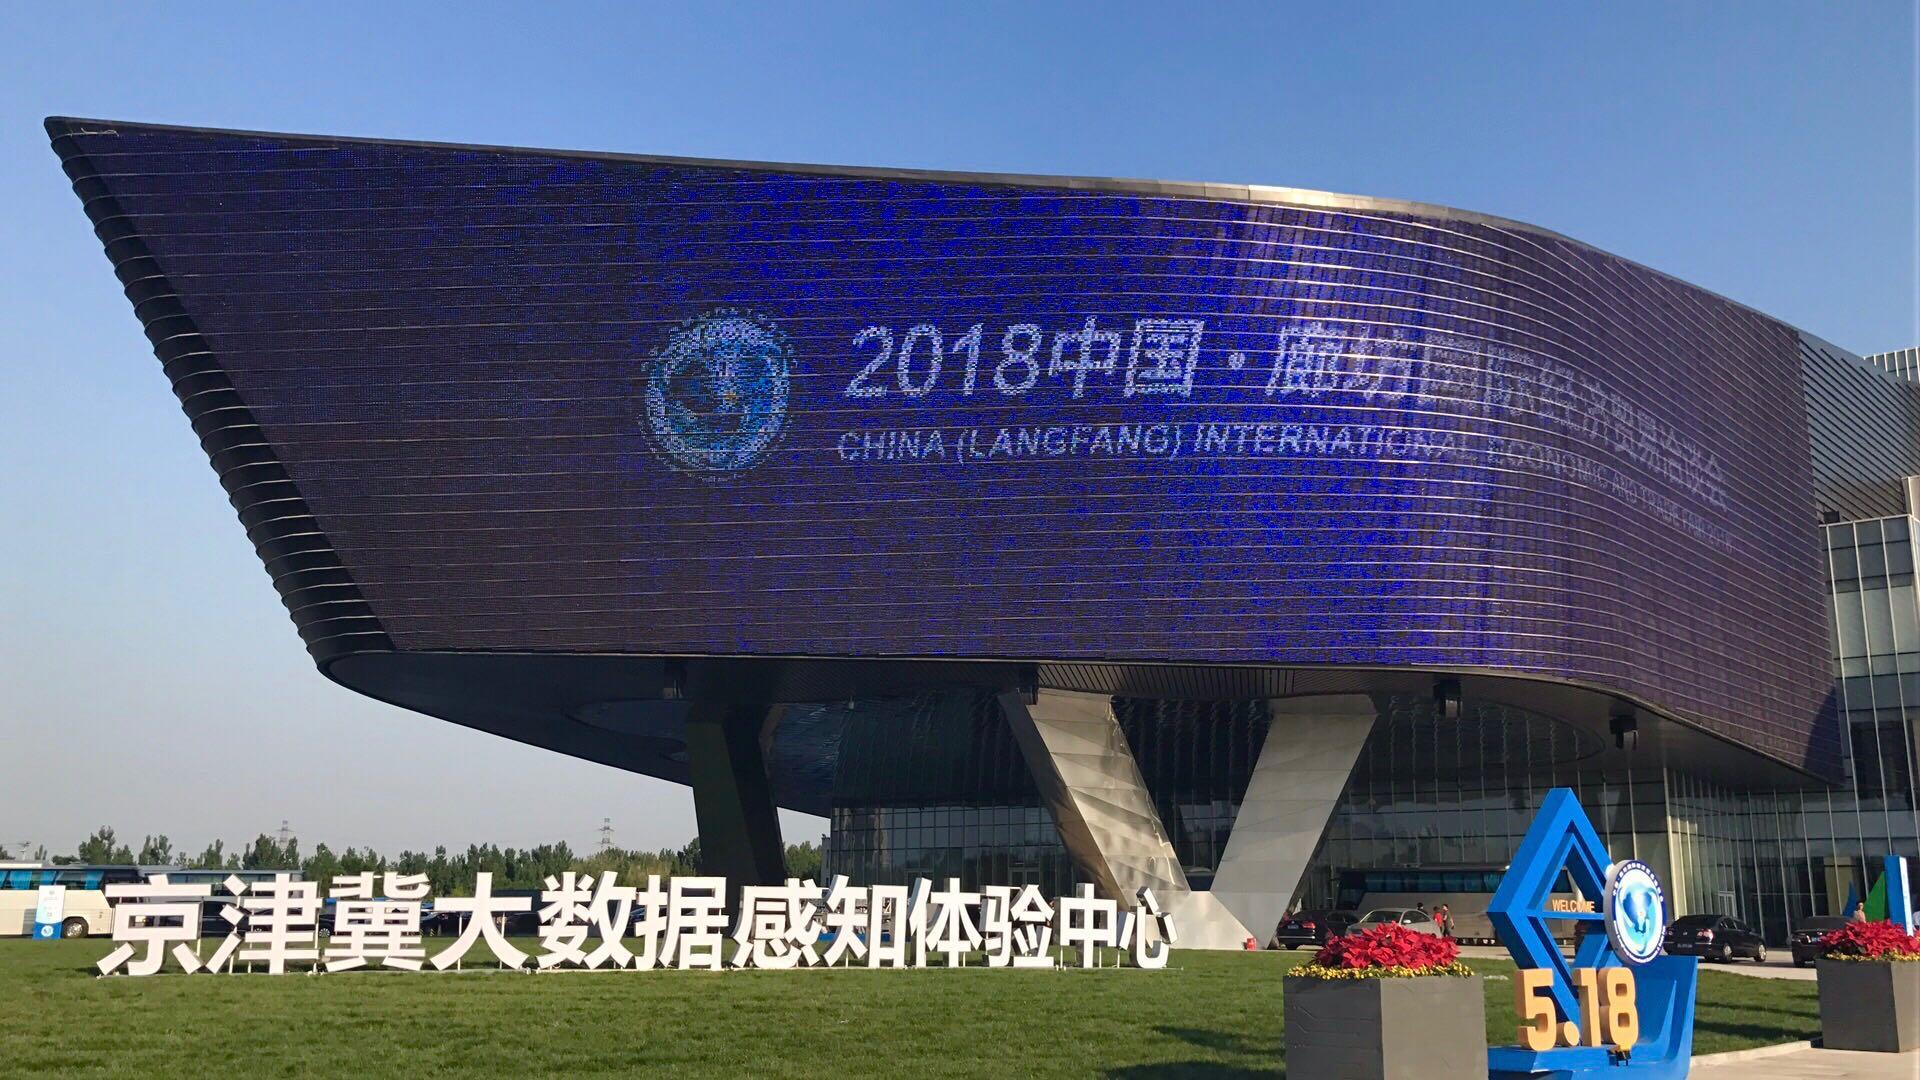 雄安新区规划展亮相2018中国·廊坊国际经济贸易洽谈会